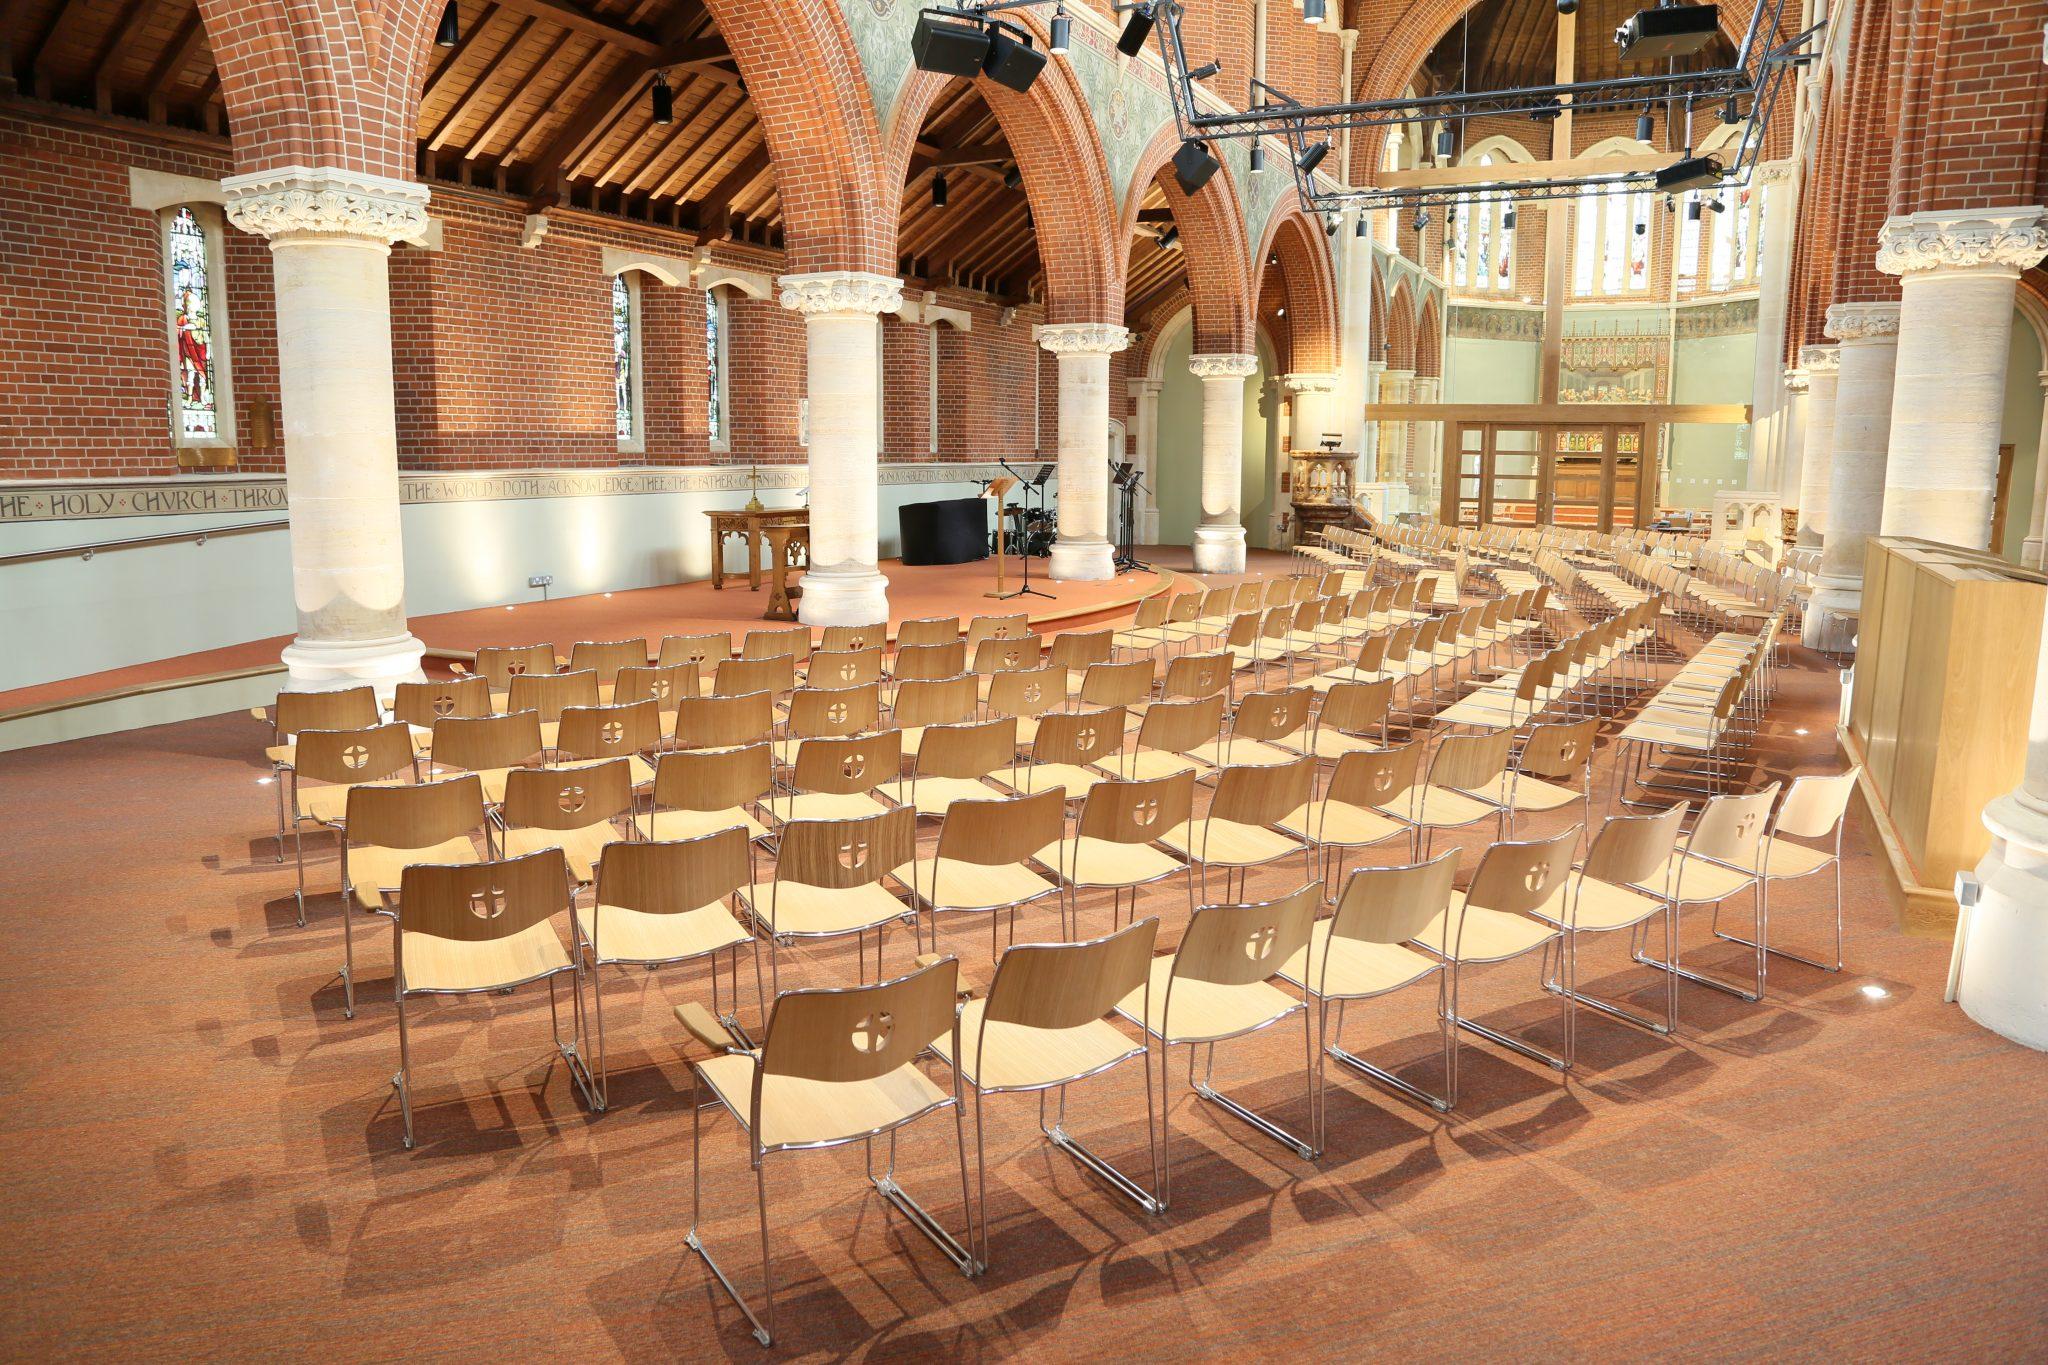 St Paulsd Church Slough